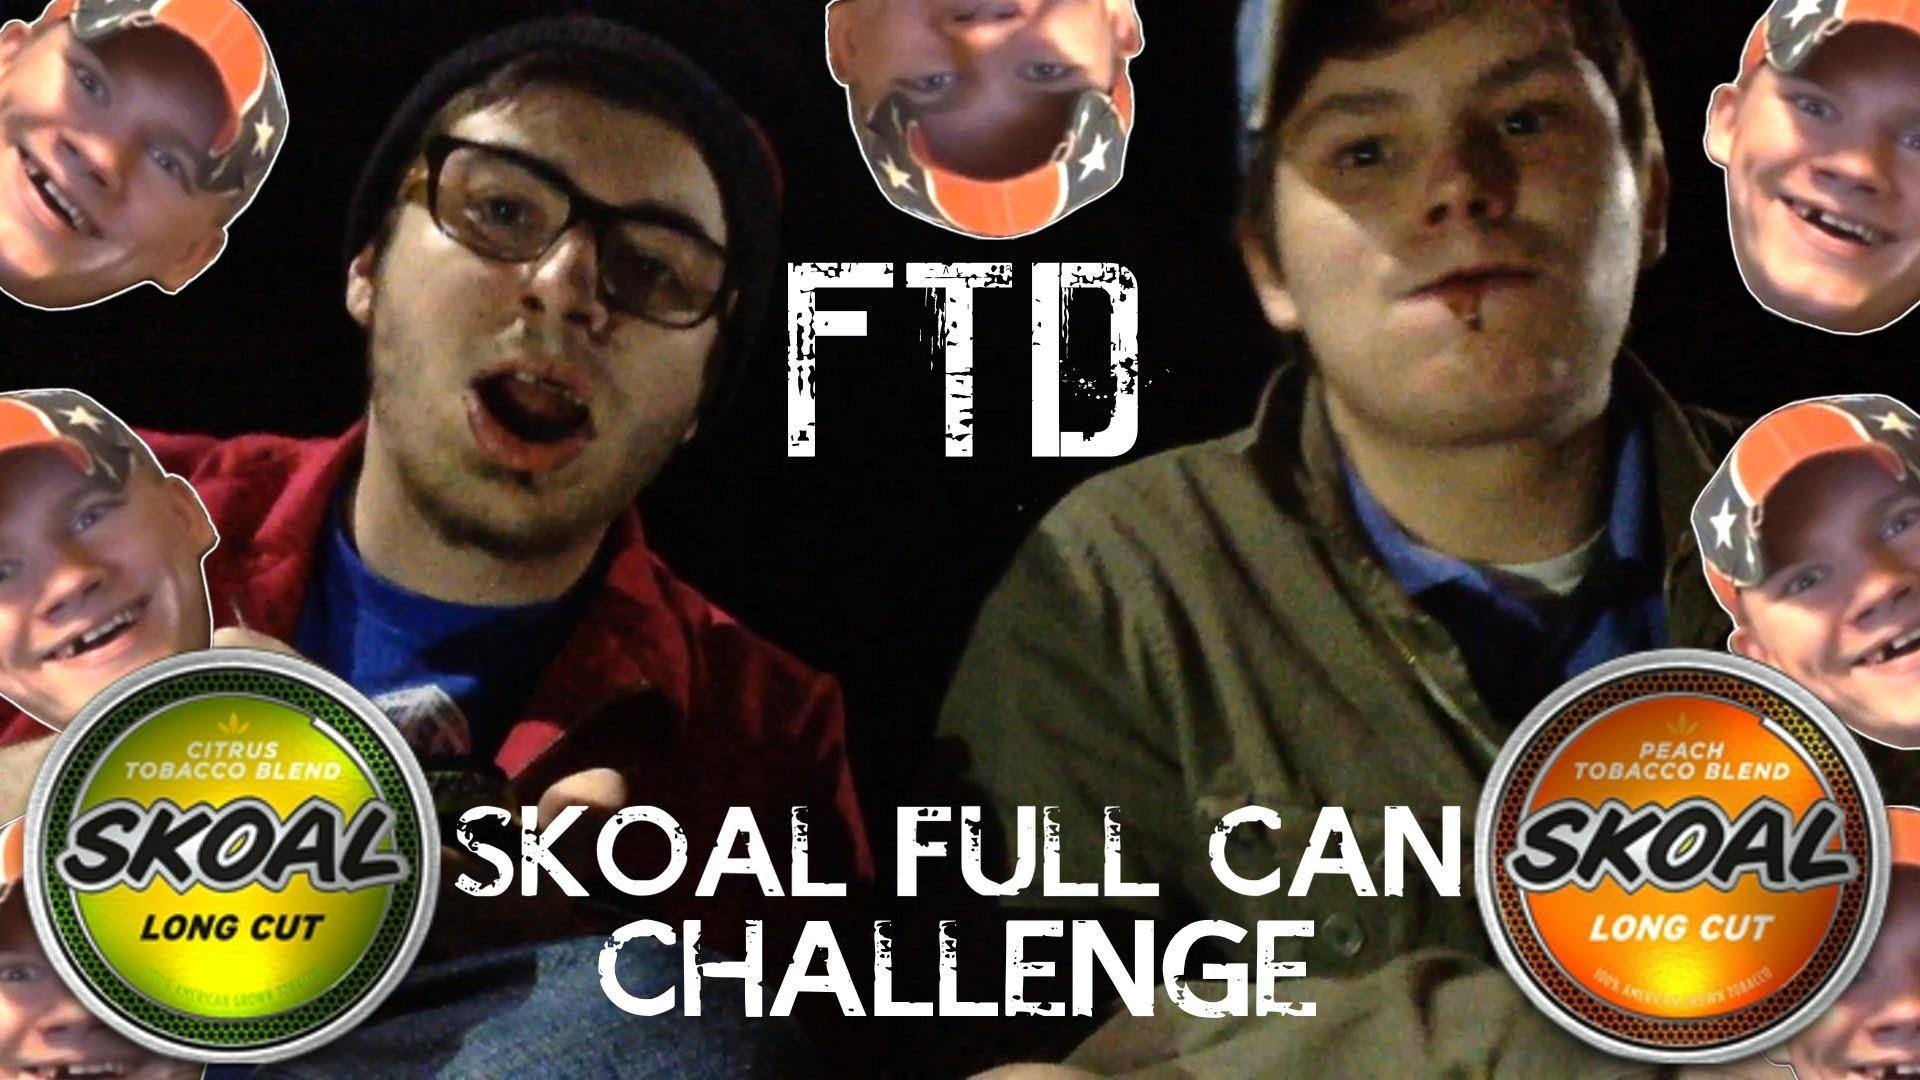 SKOAL FULL CAN CHALLENGE!